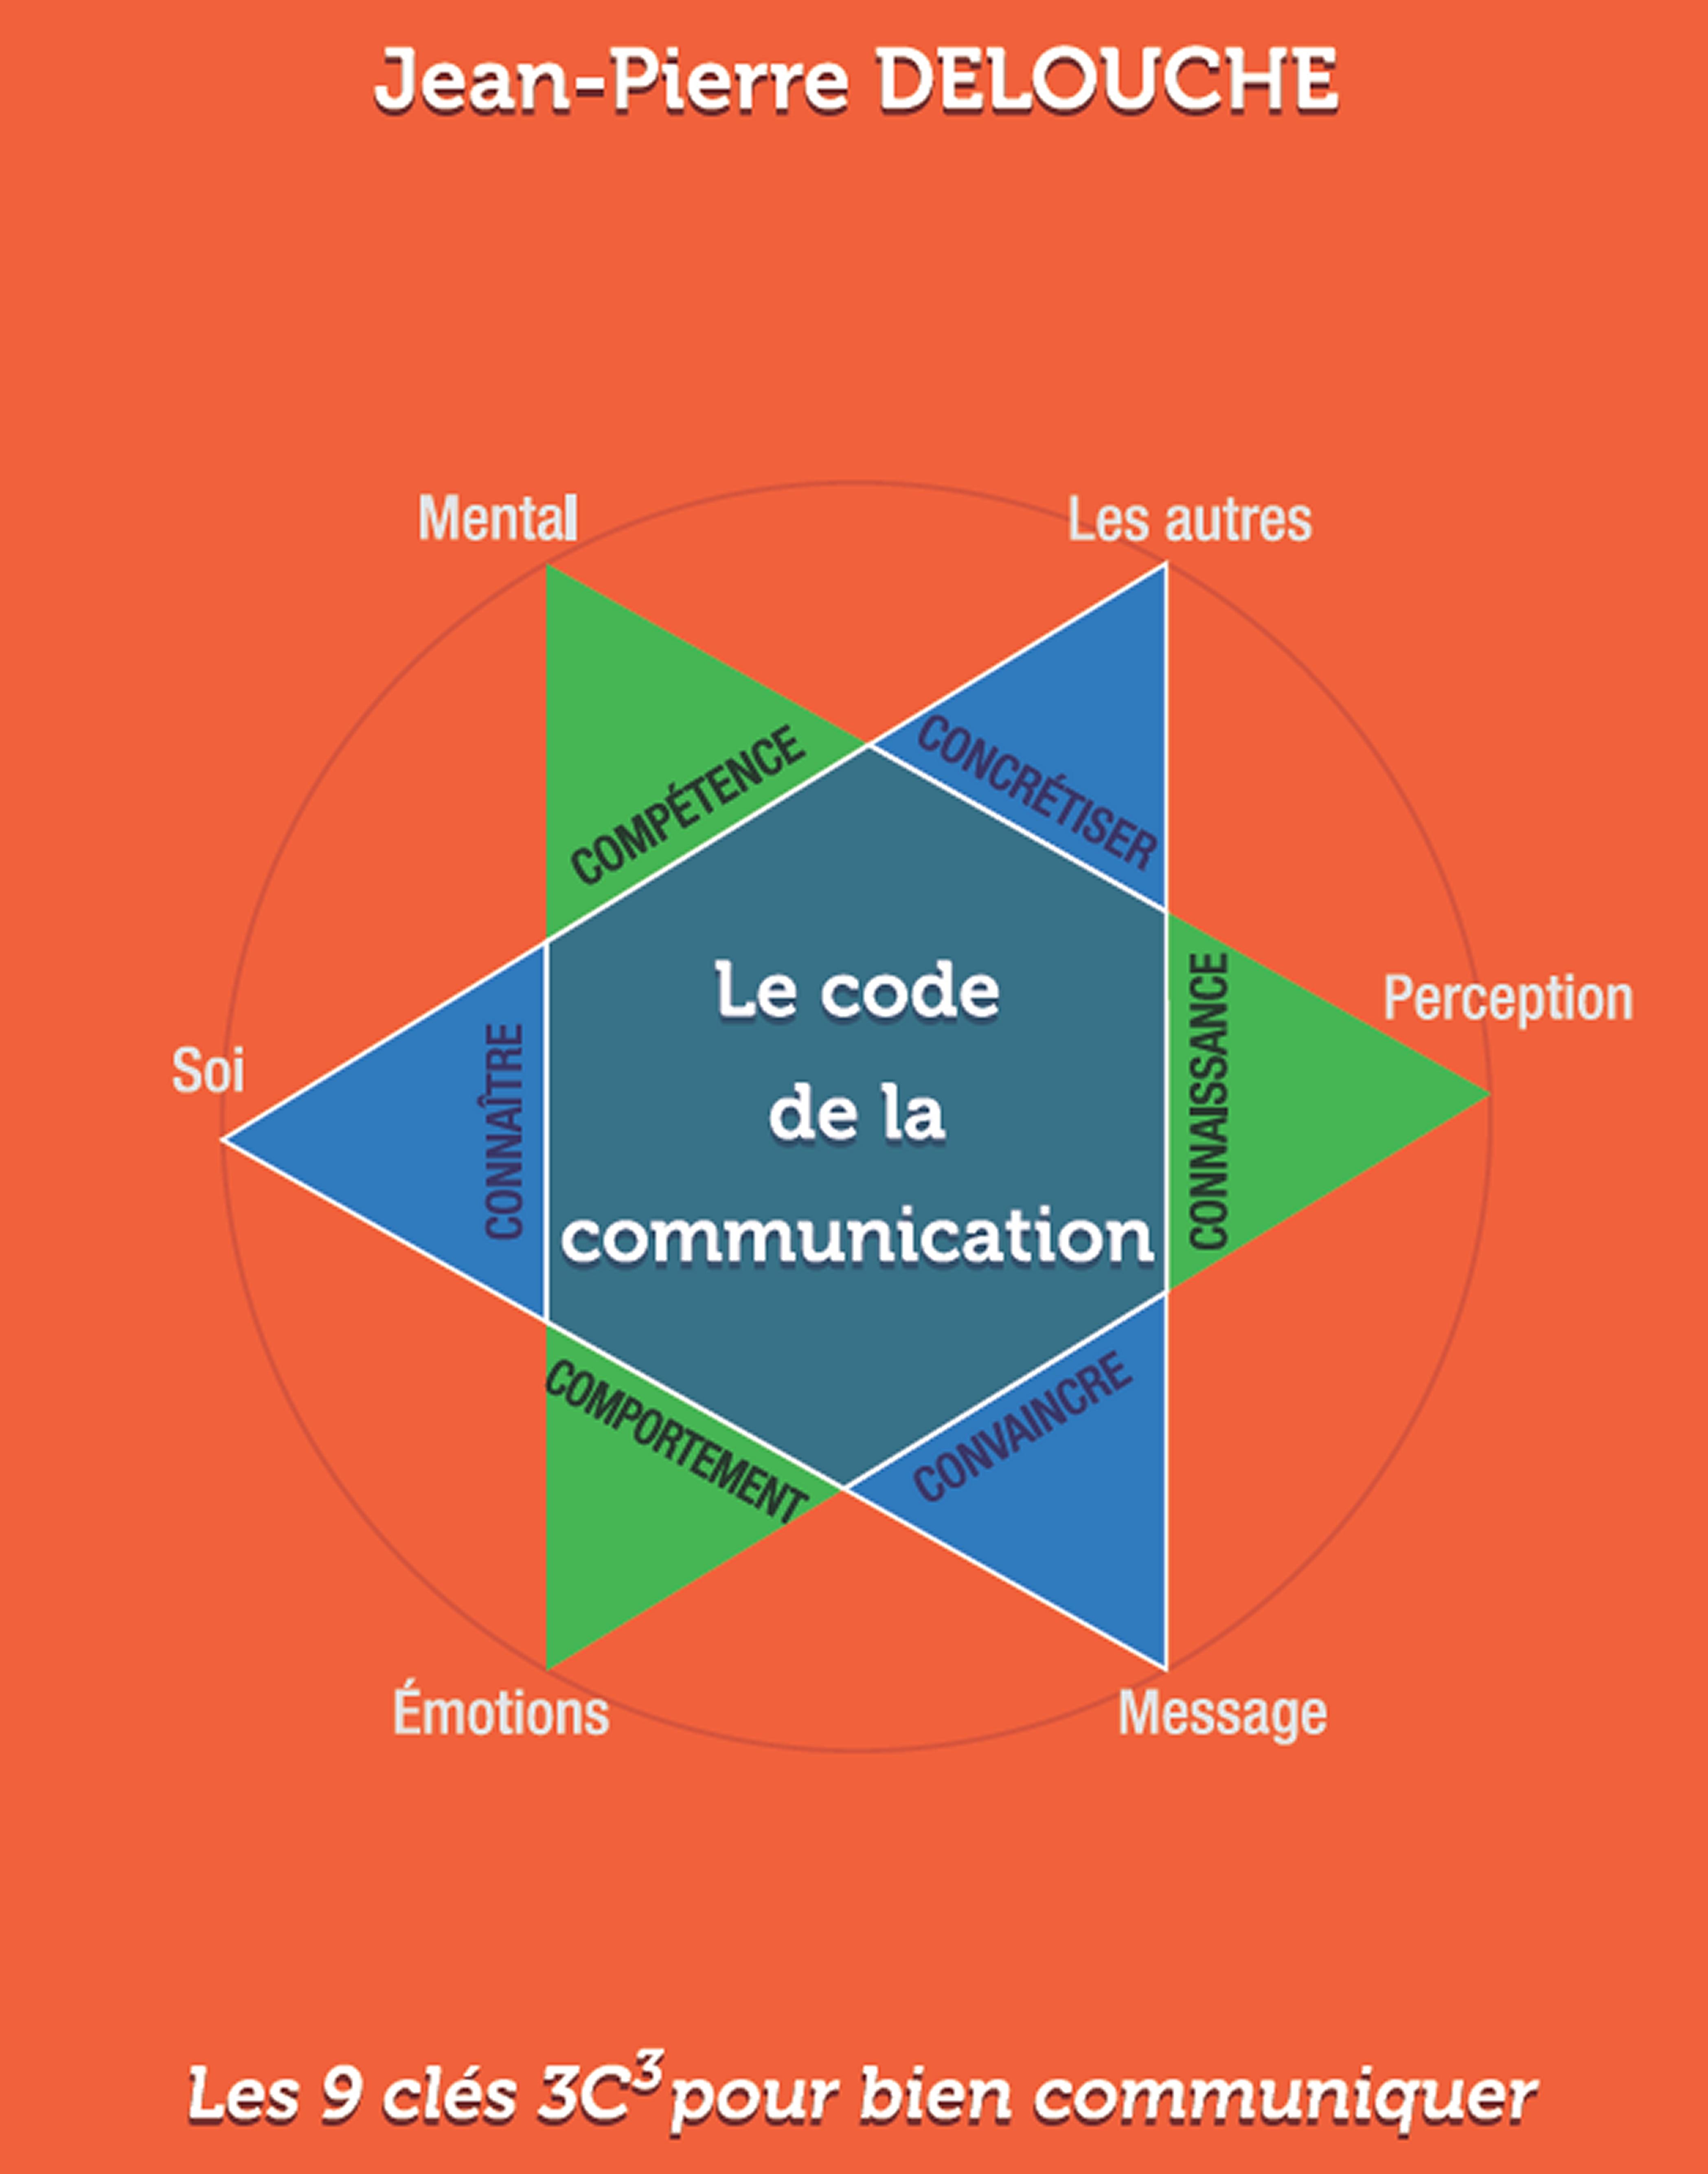 Optez pour une communication adéquate